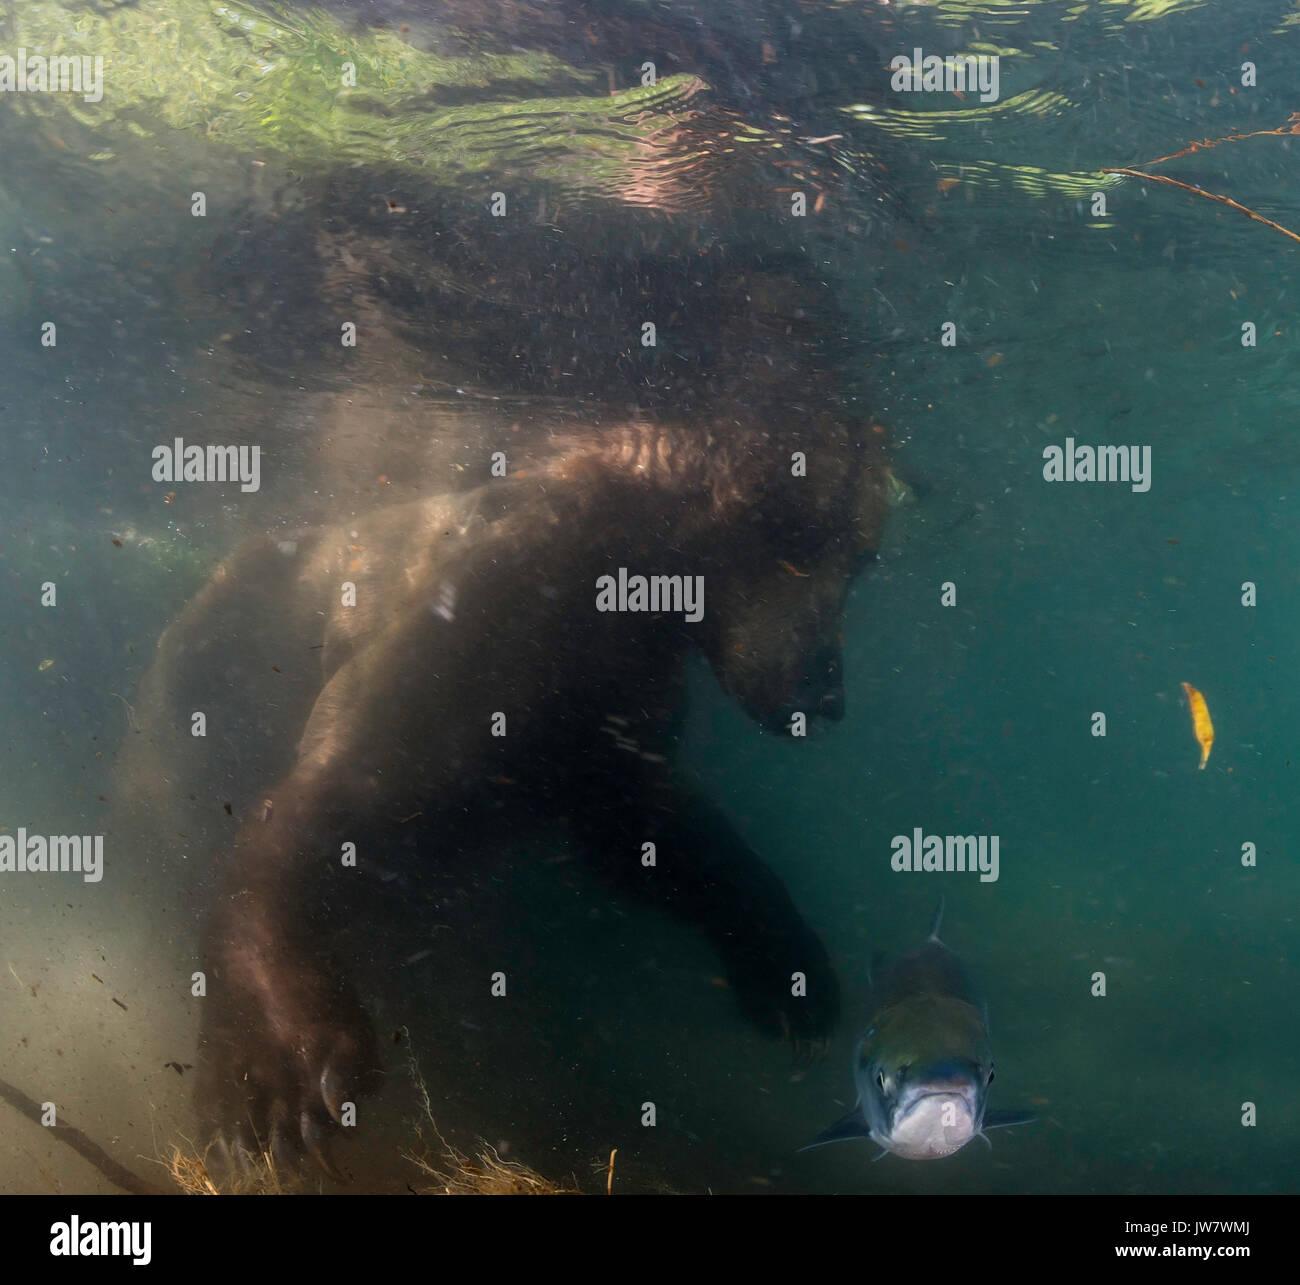 Vista subacquea di un orso bruno cercando di catturare il salmone sockeye come migrare fino il fiume ozernaya di spawn, kamchatka, Russia. Immagini Stock